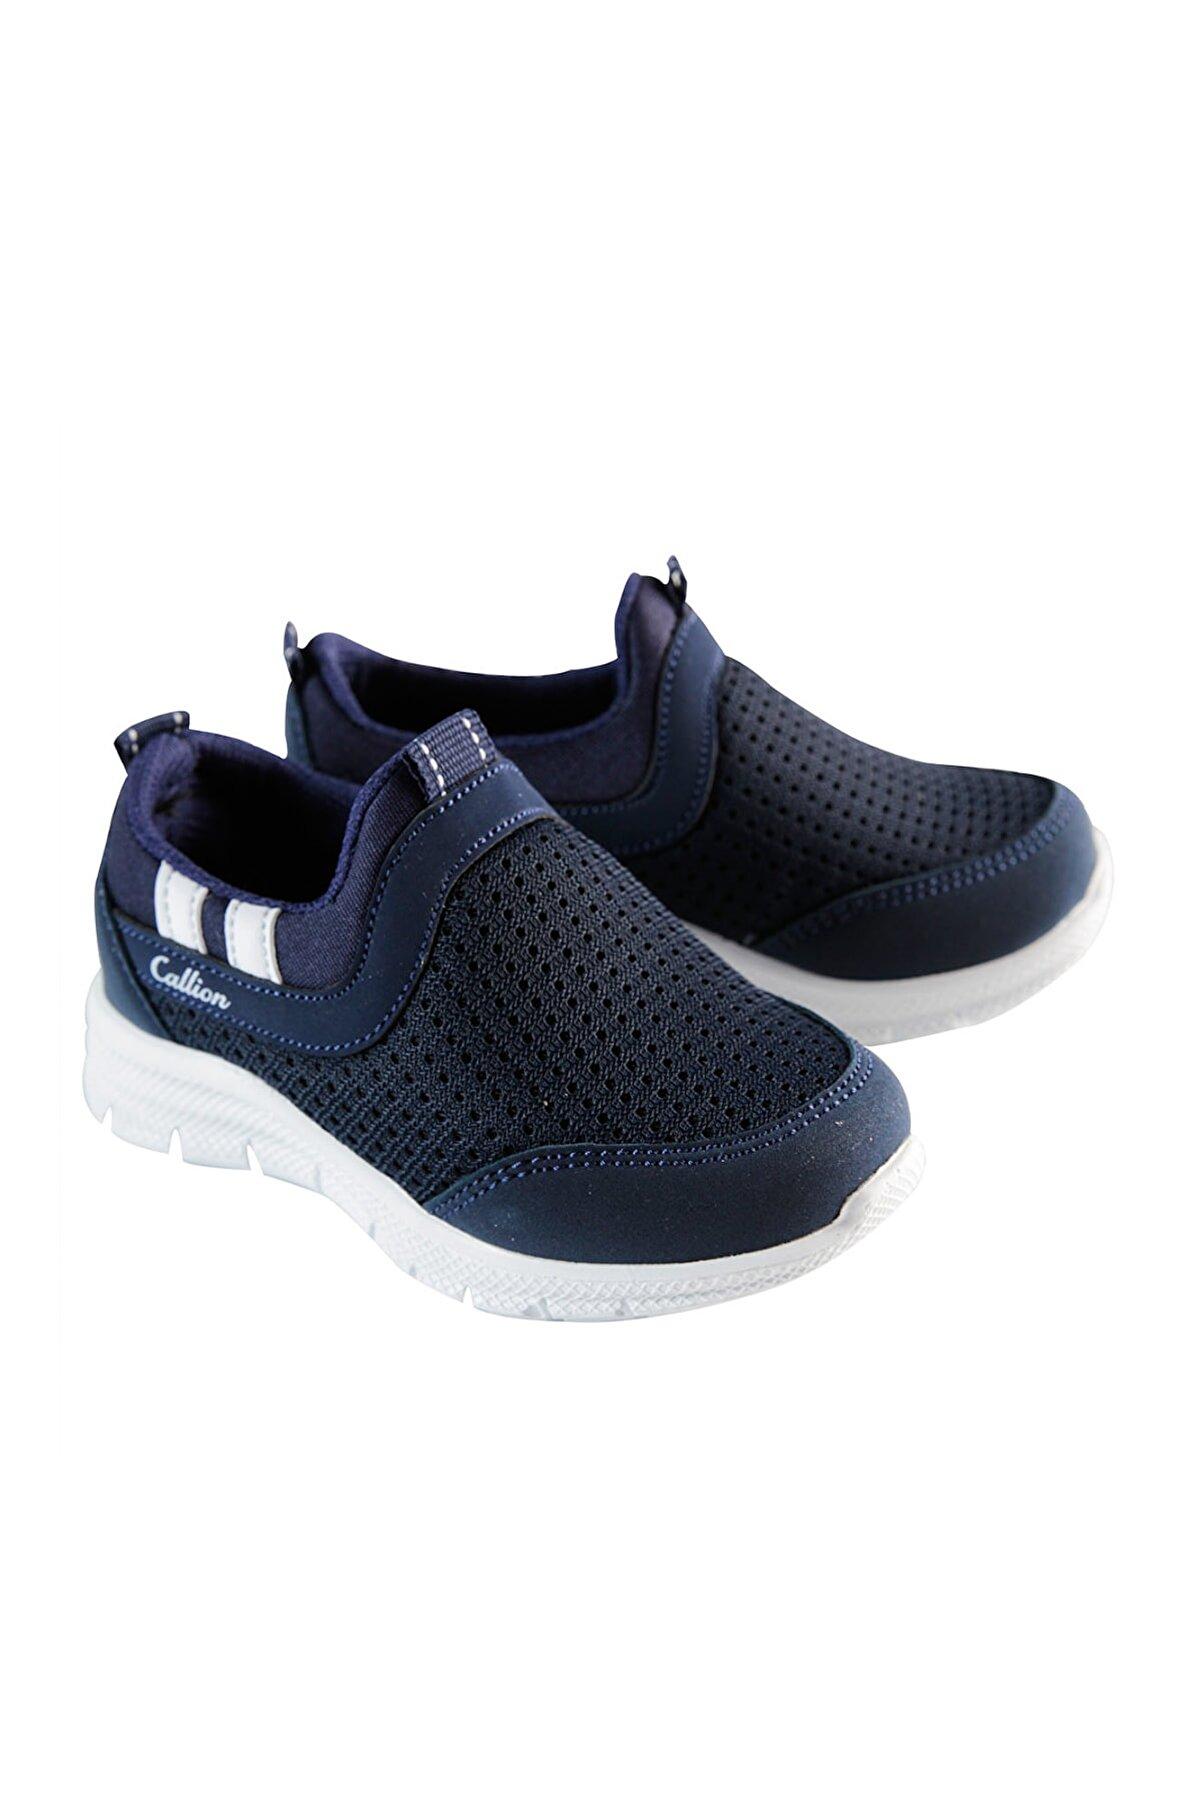 Callion Erkek Çocuk Spor Ayakkabı Lacivert